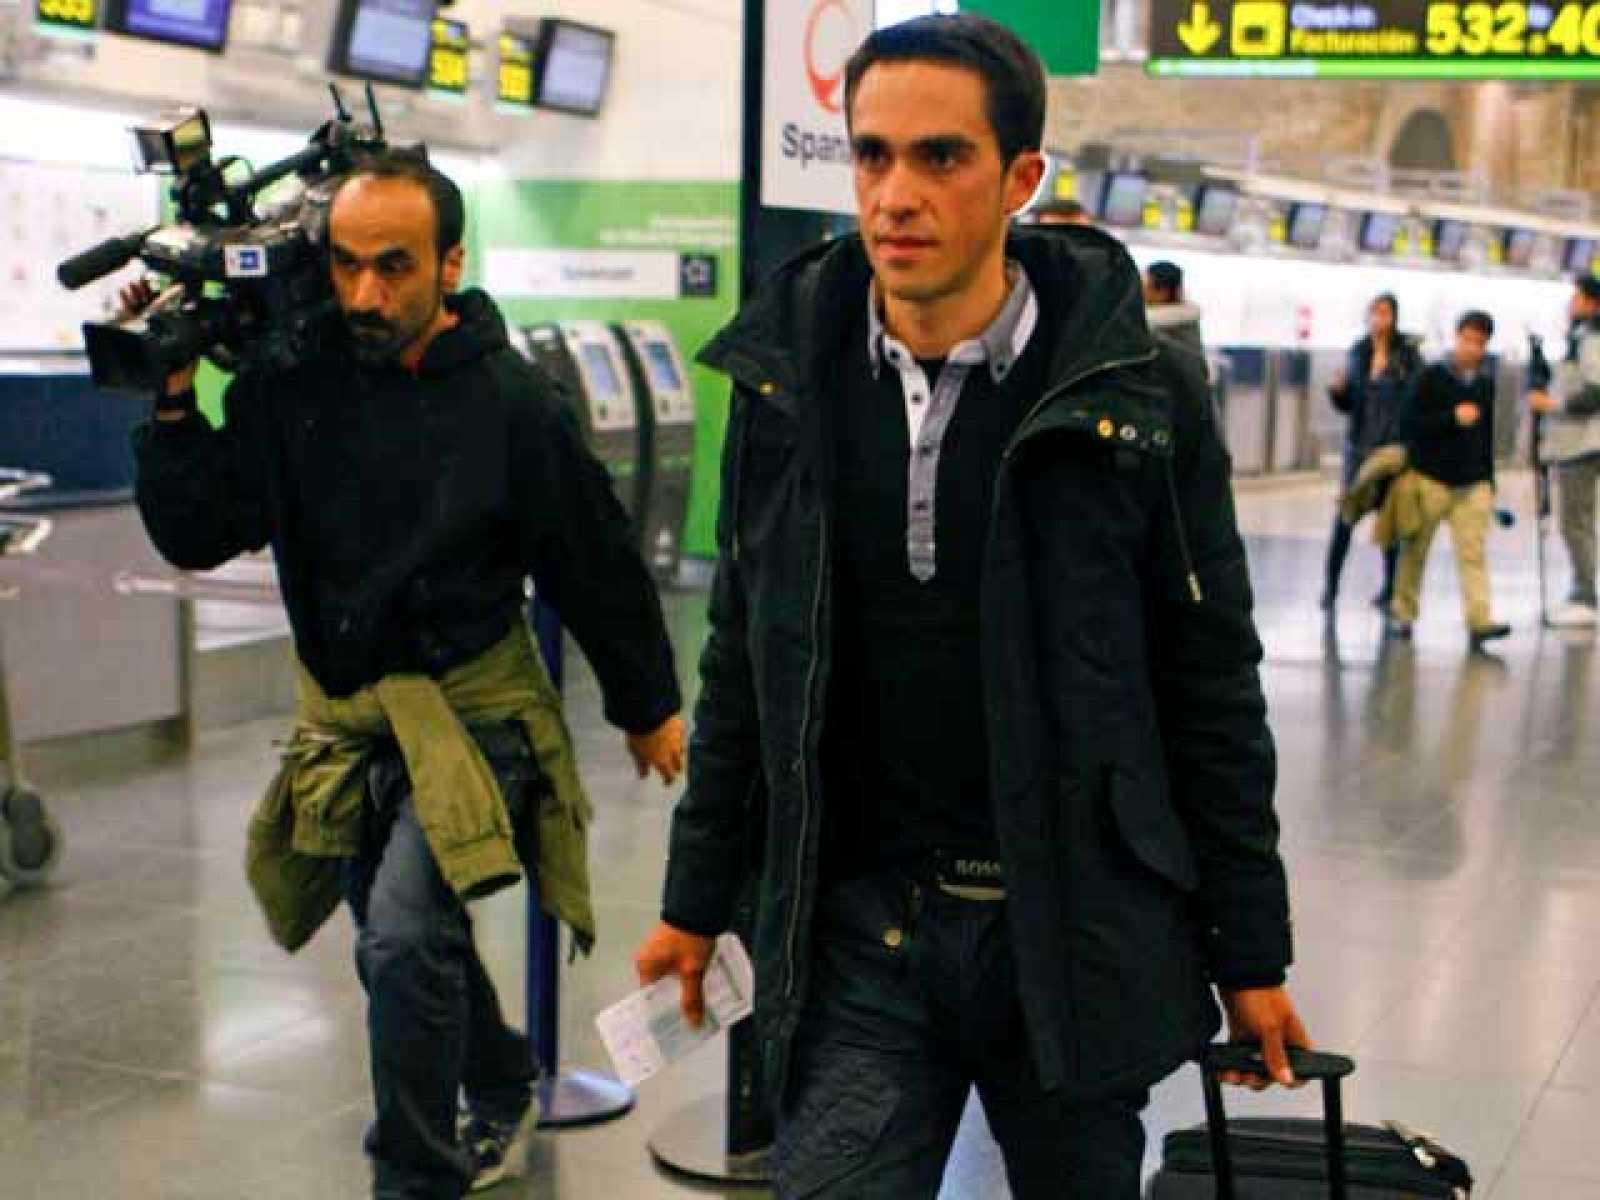 Después de ser considerado inocente de dopaje por la Federación española, Alberto Contador se puso inmediatamente rumbo a Portugal, donde este miércoles volverá a subirse a su bicicleta para competir en la Vuelta al Algarve.